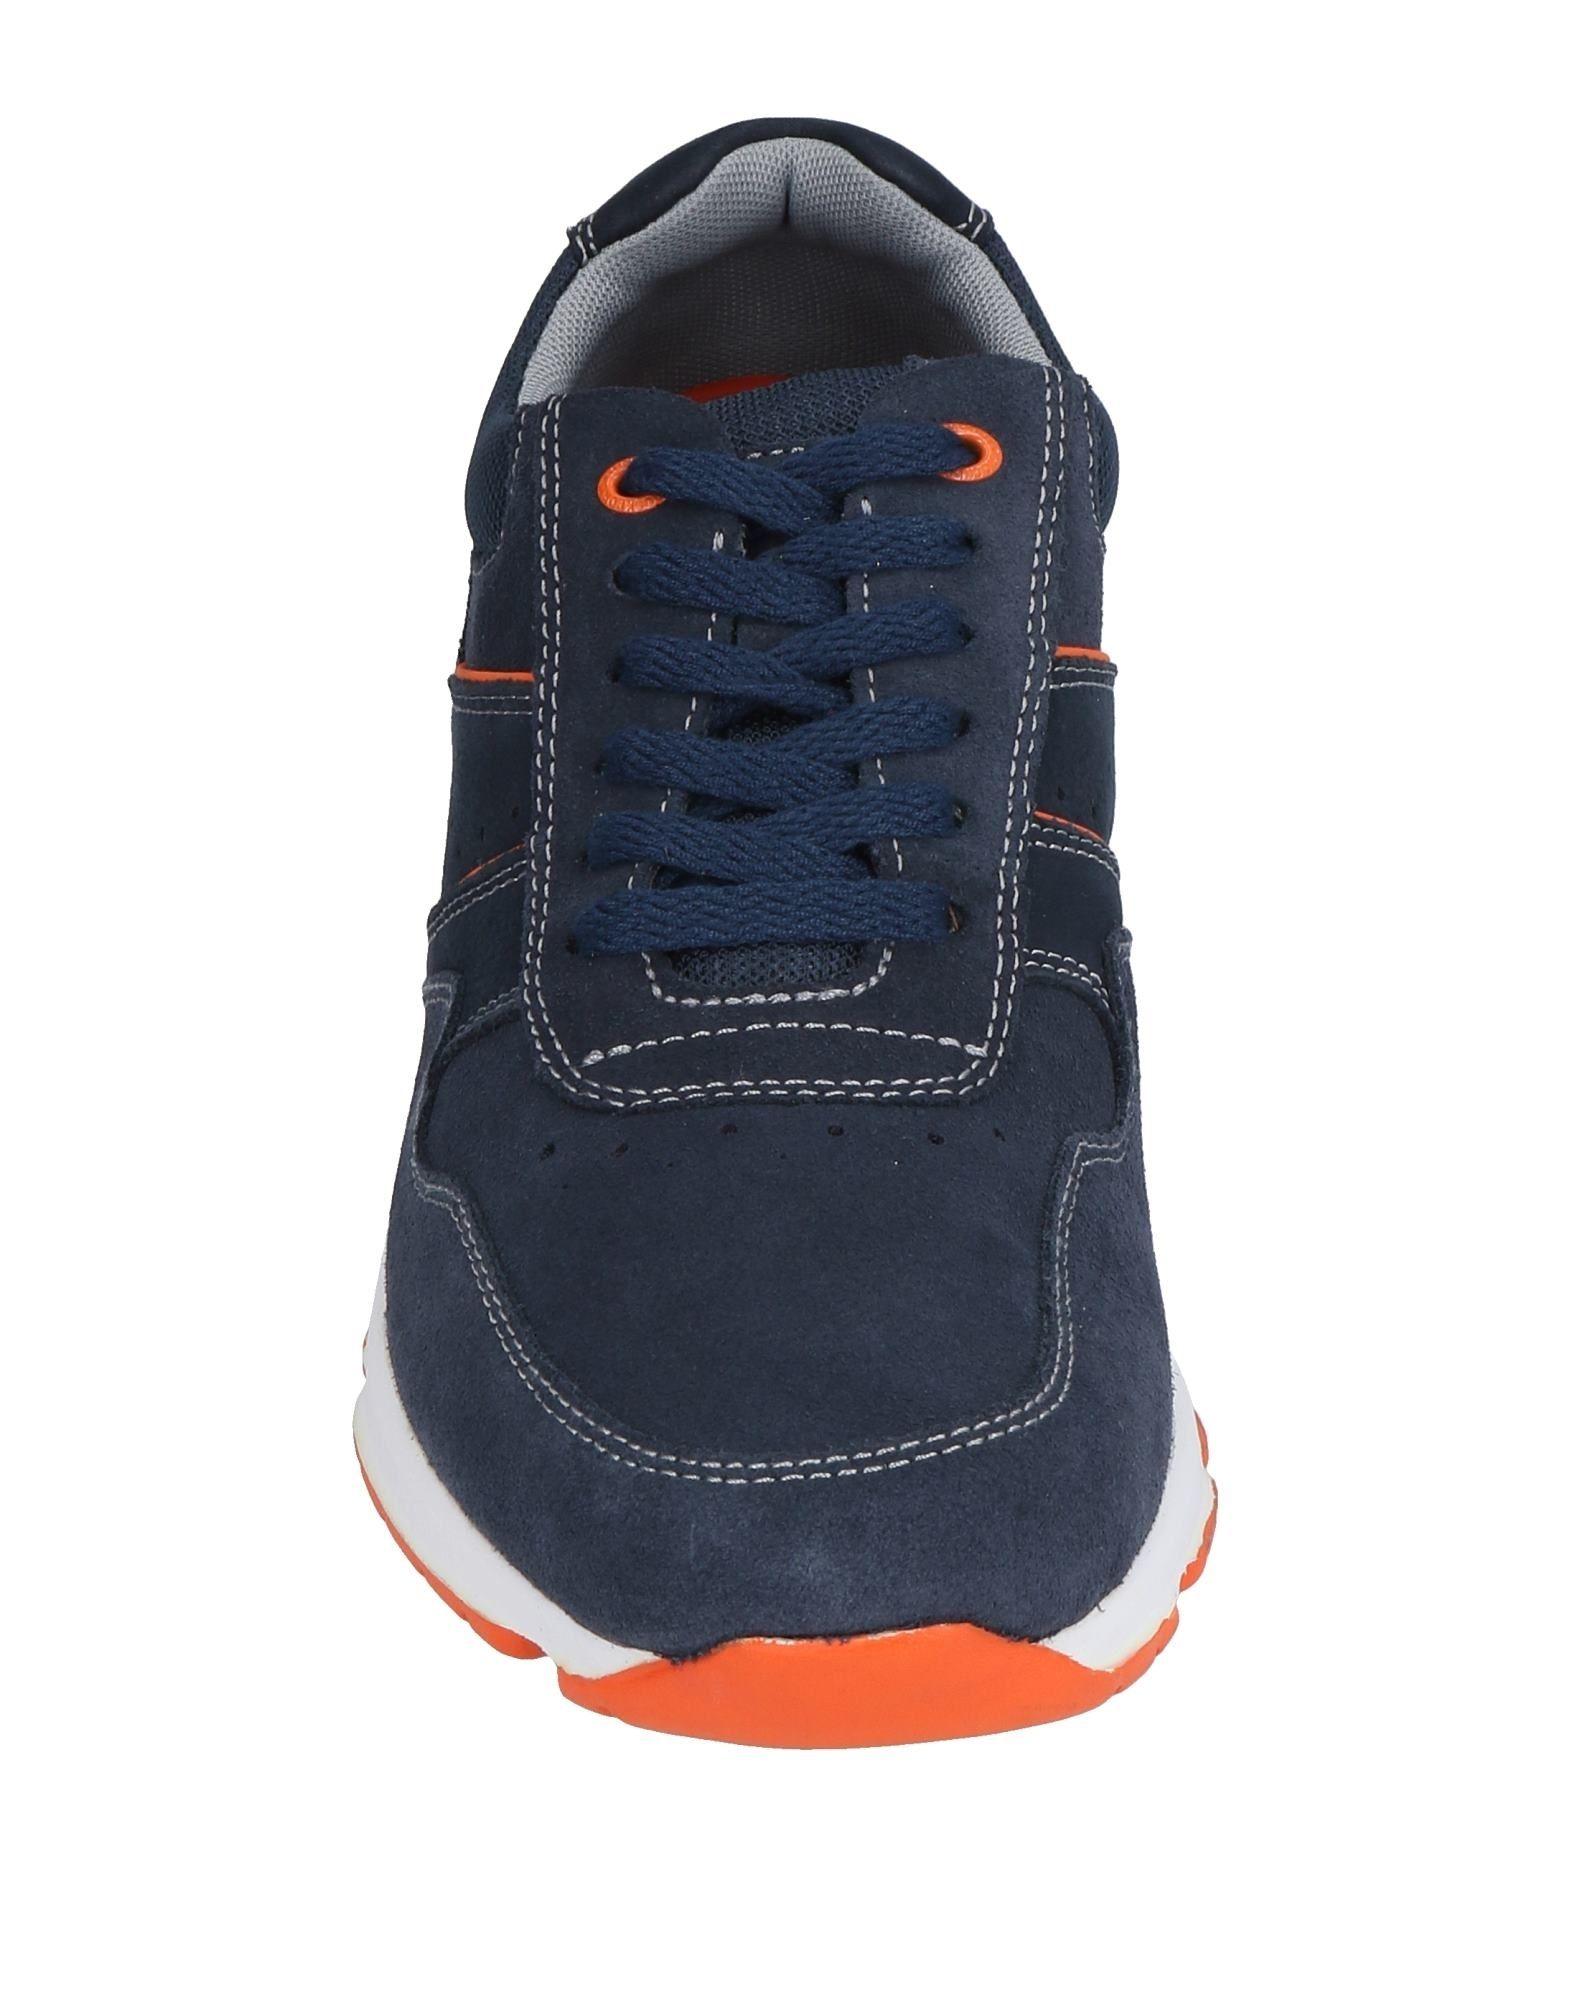 Rabatt Herren echte Schuhe Rockport Sneakers Herren Rabatt  11509102SG 1daa94